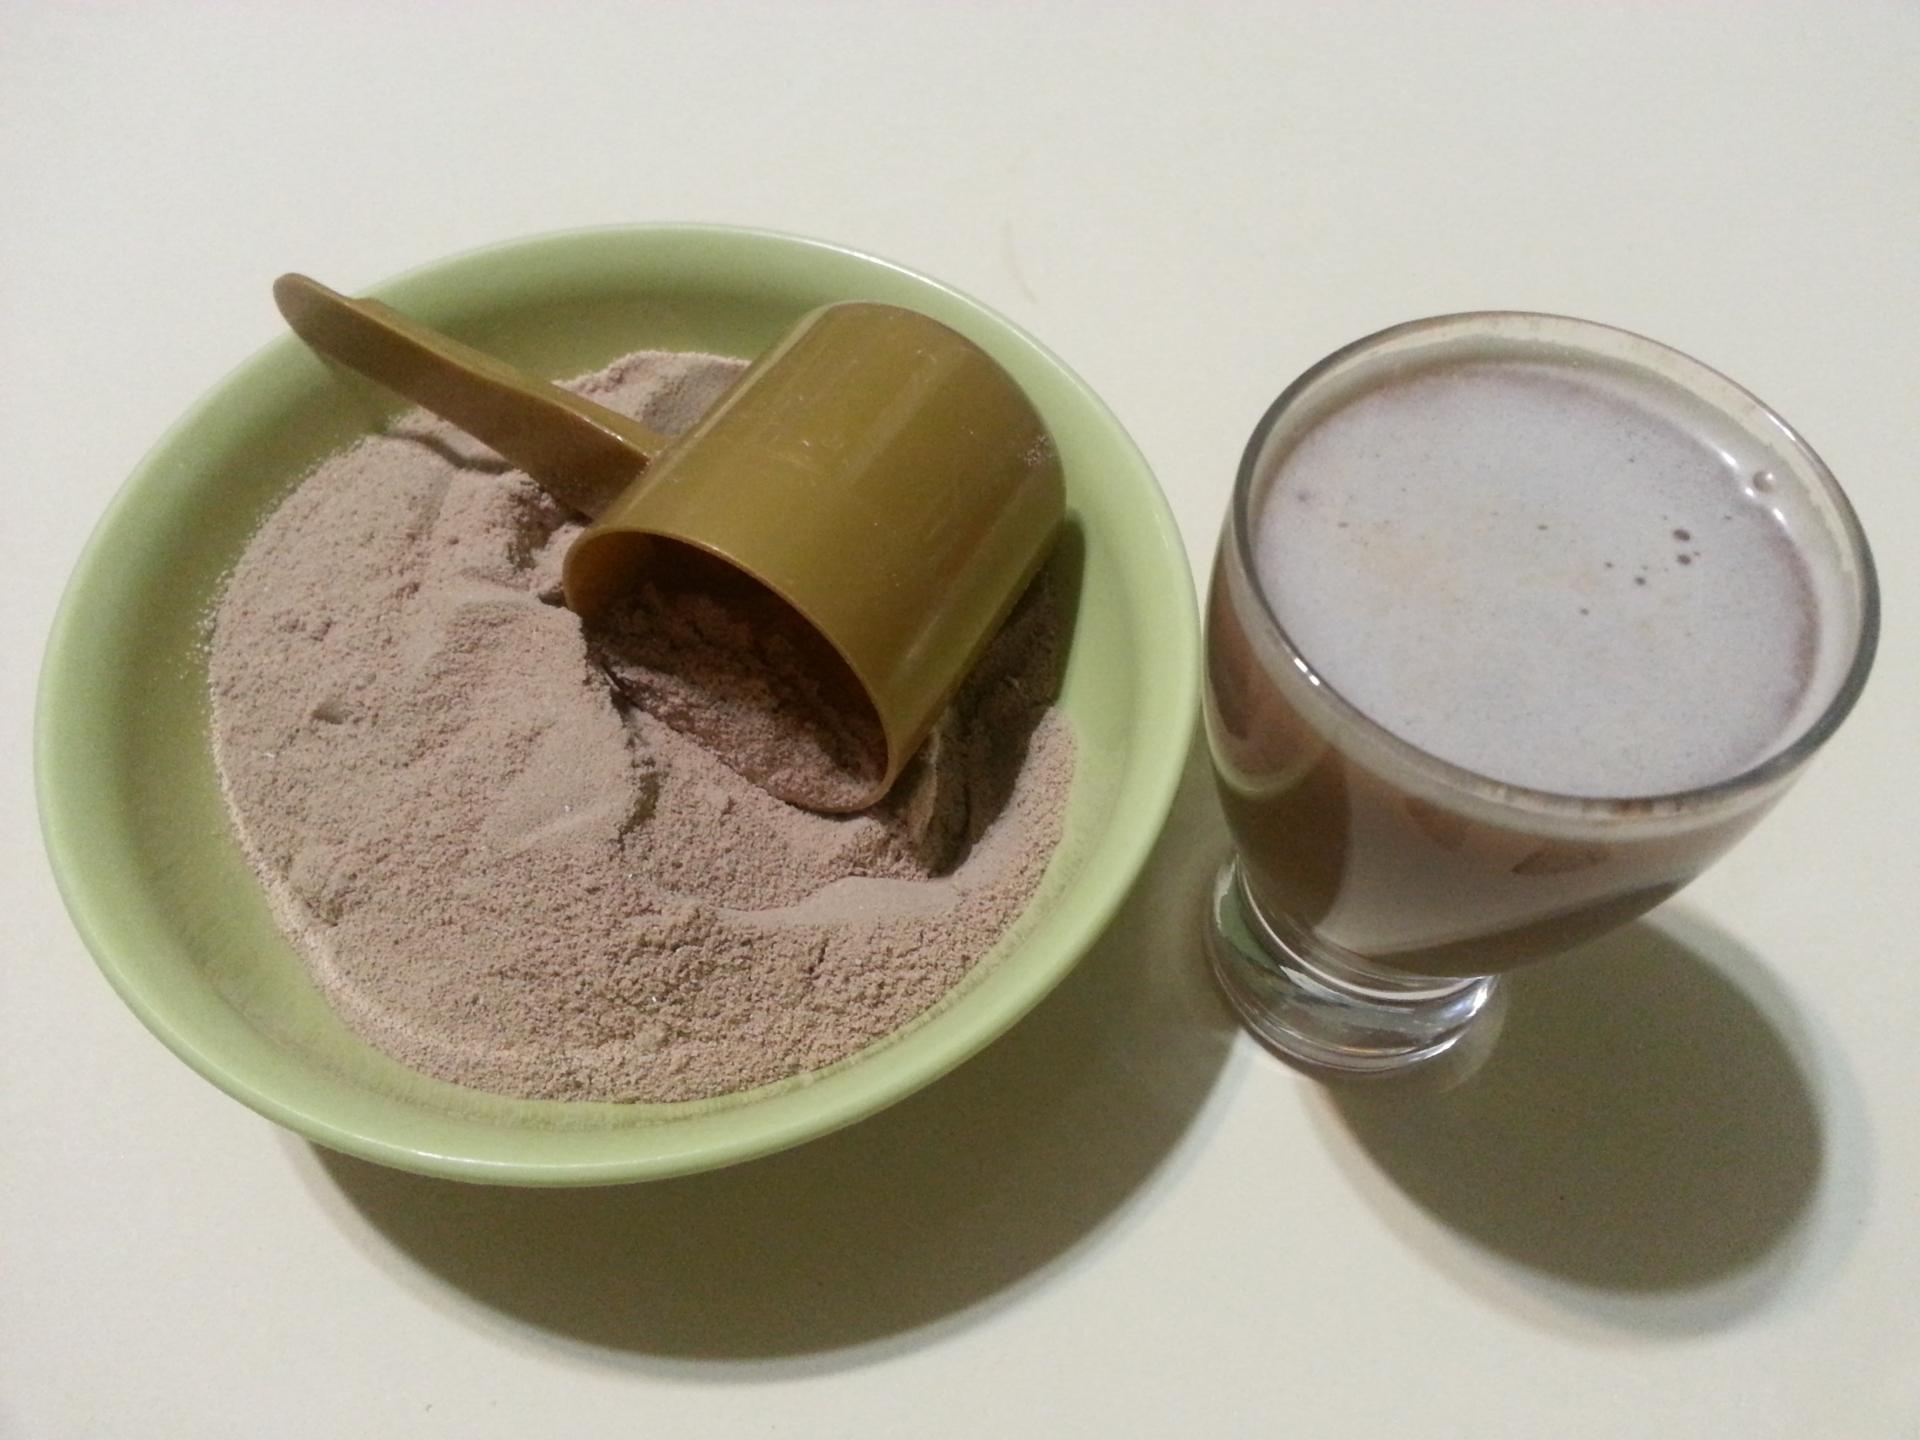 アルプロンWPCホエイプロテイン(チョコ)を実際に使用した効果のレビュー